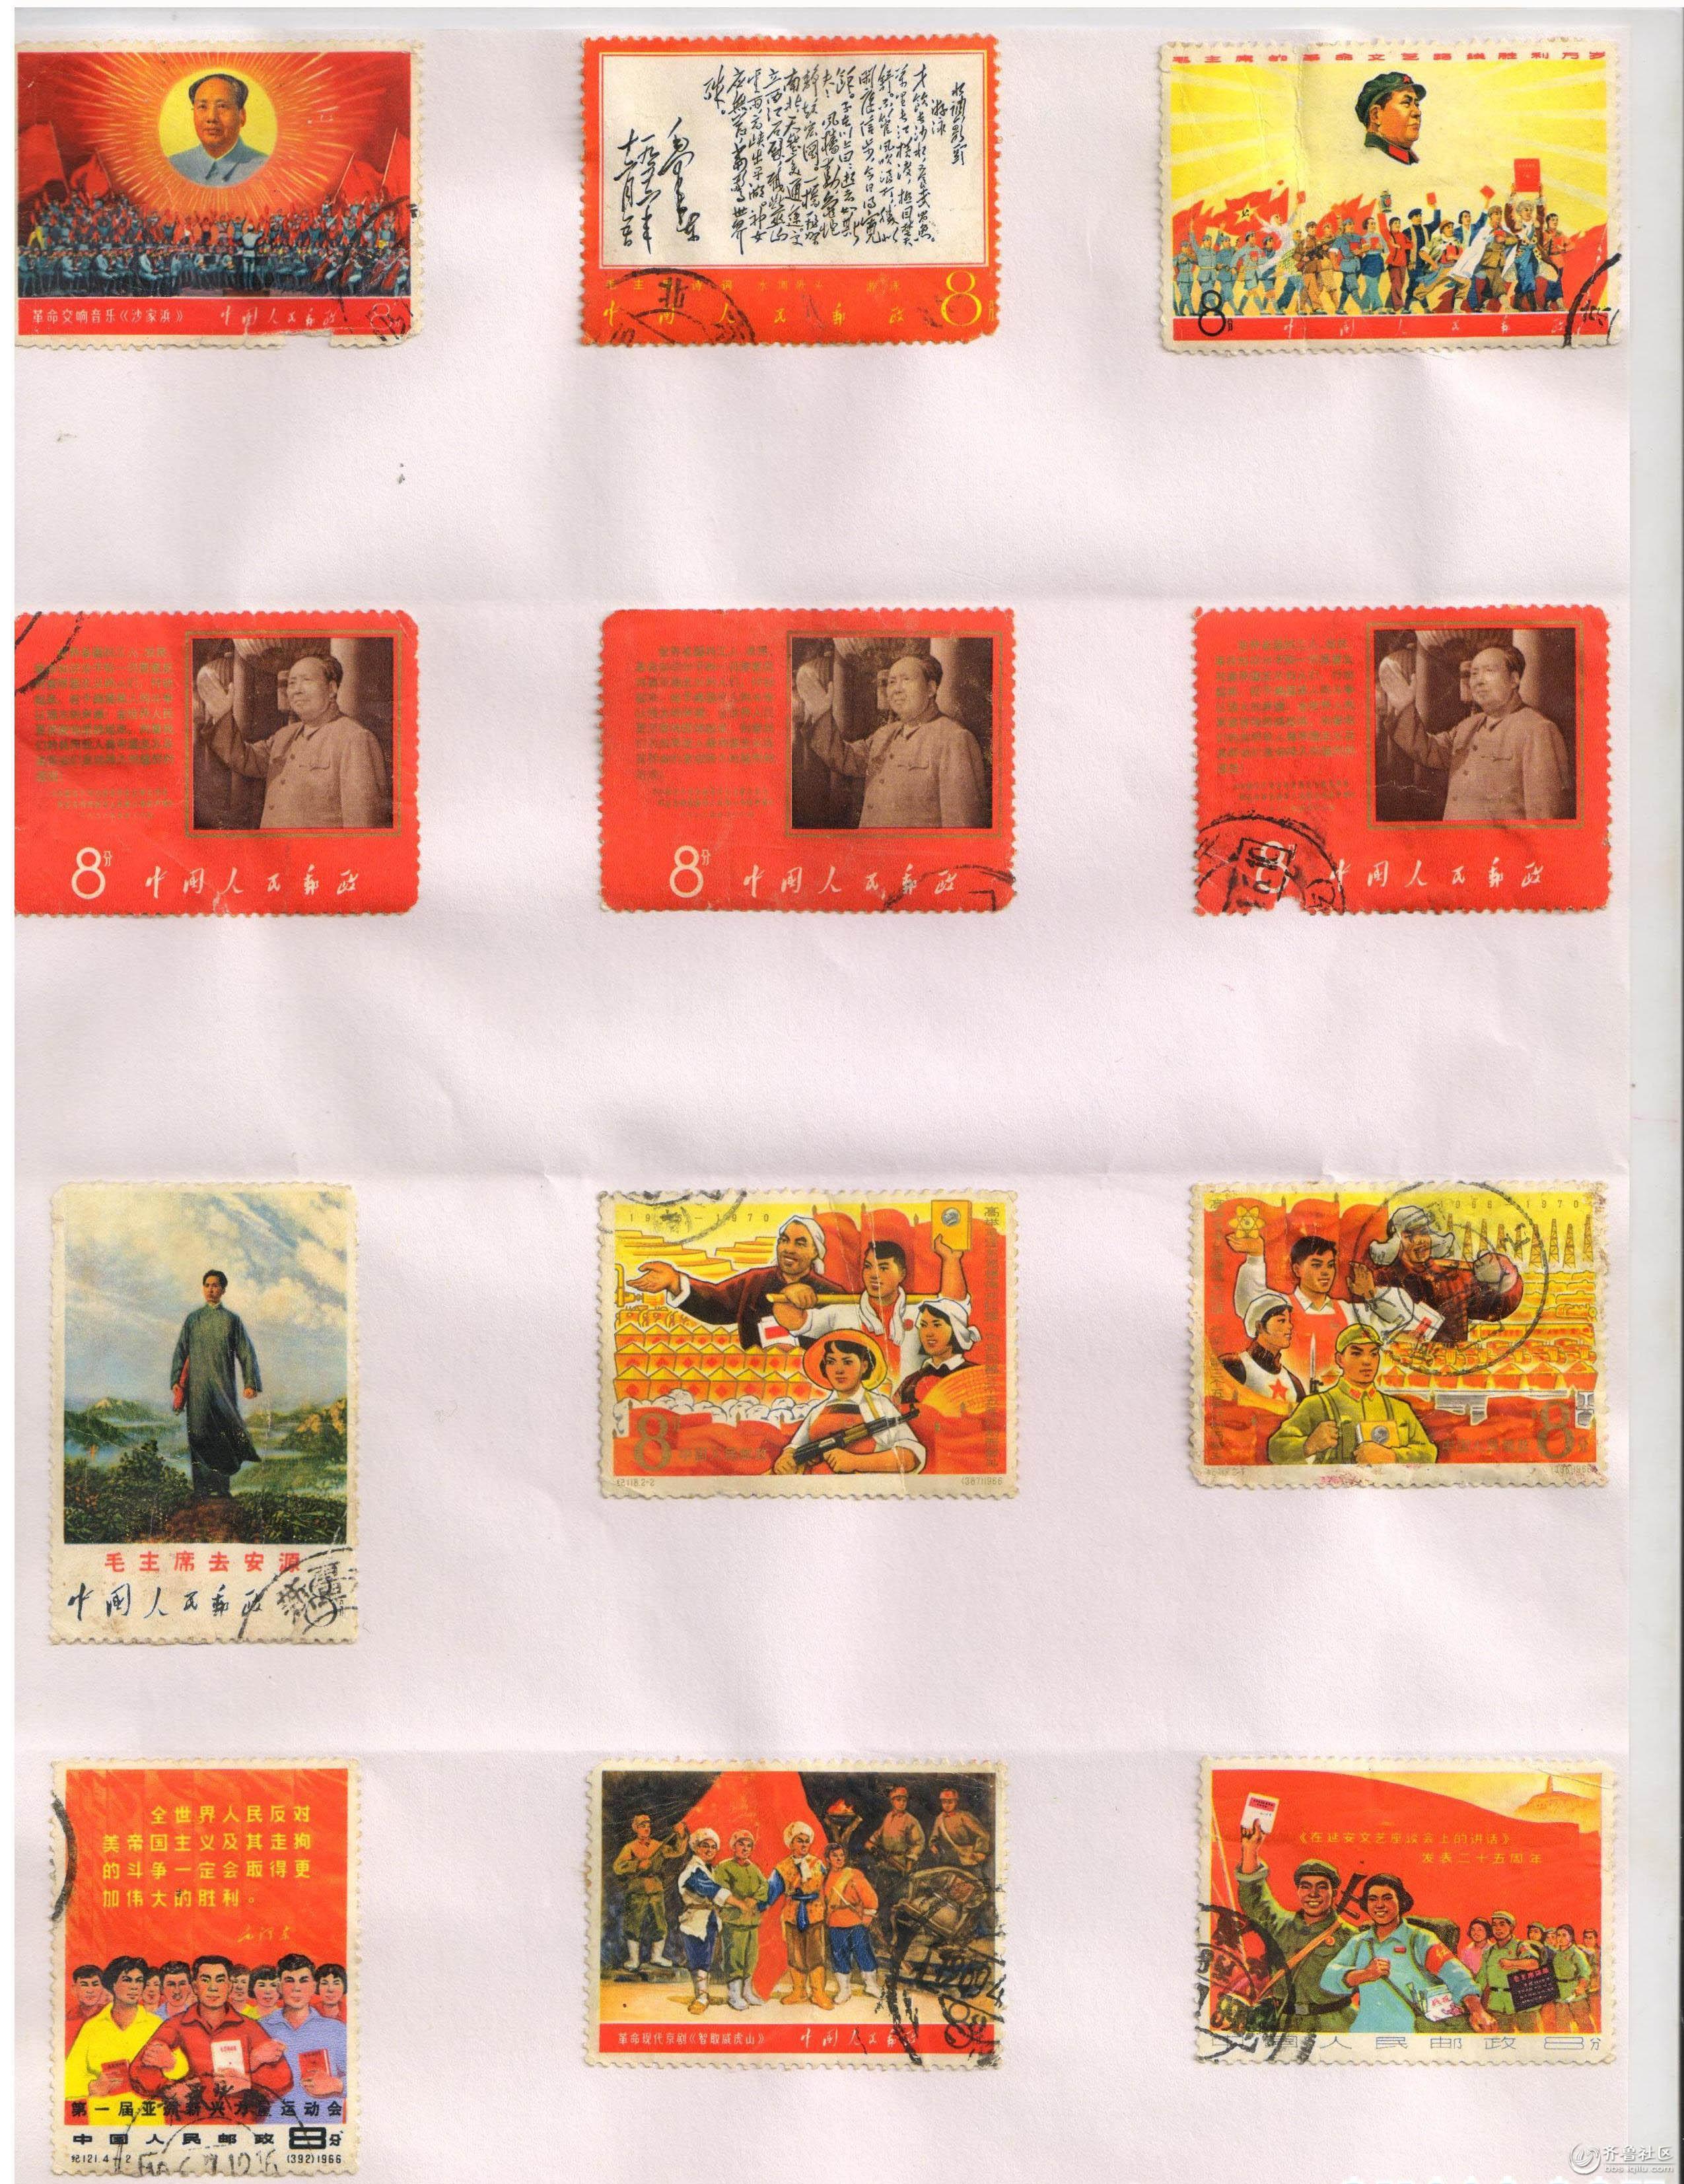 9月9日纪念毛主席逝世 秋收起义 三湾改编 邮票篇